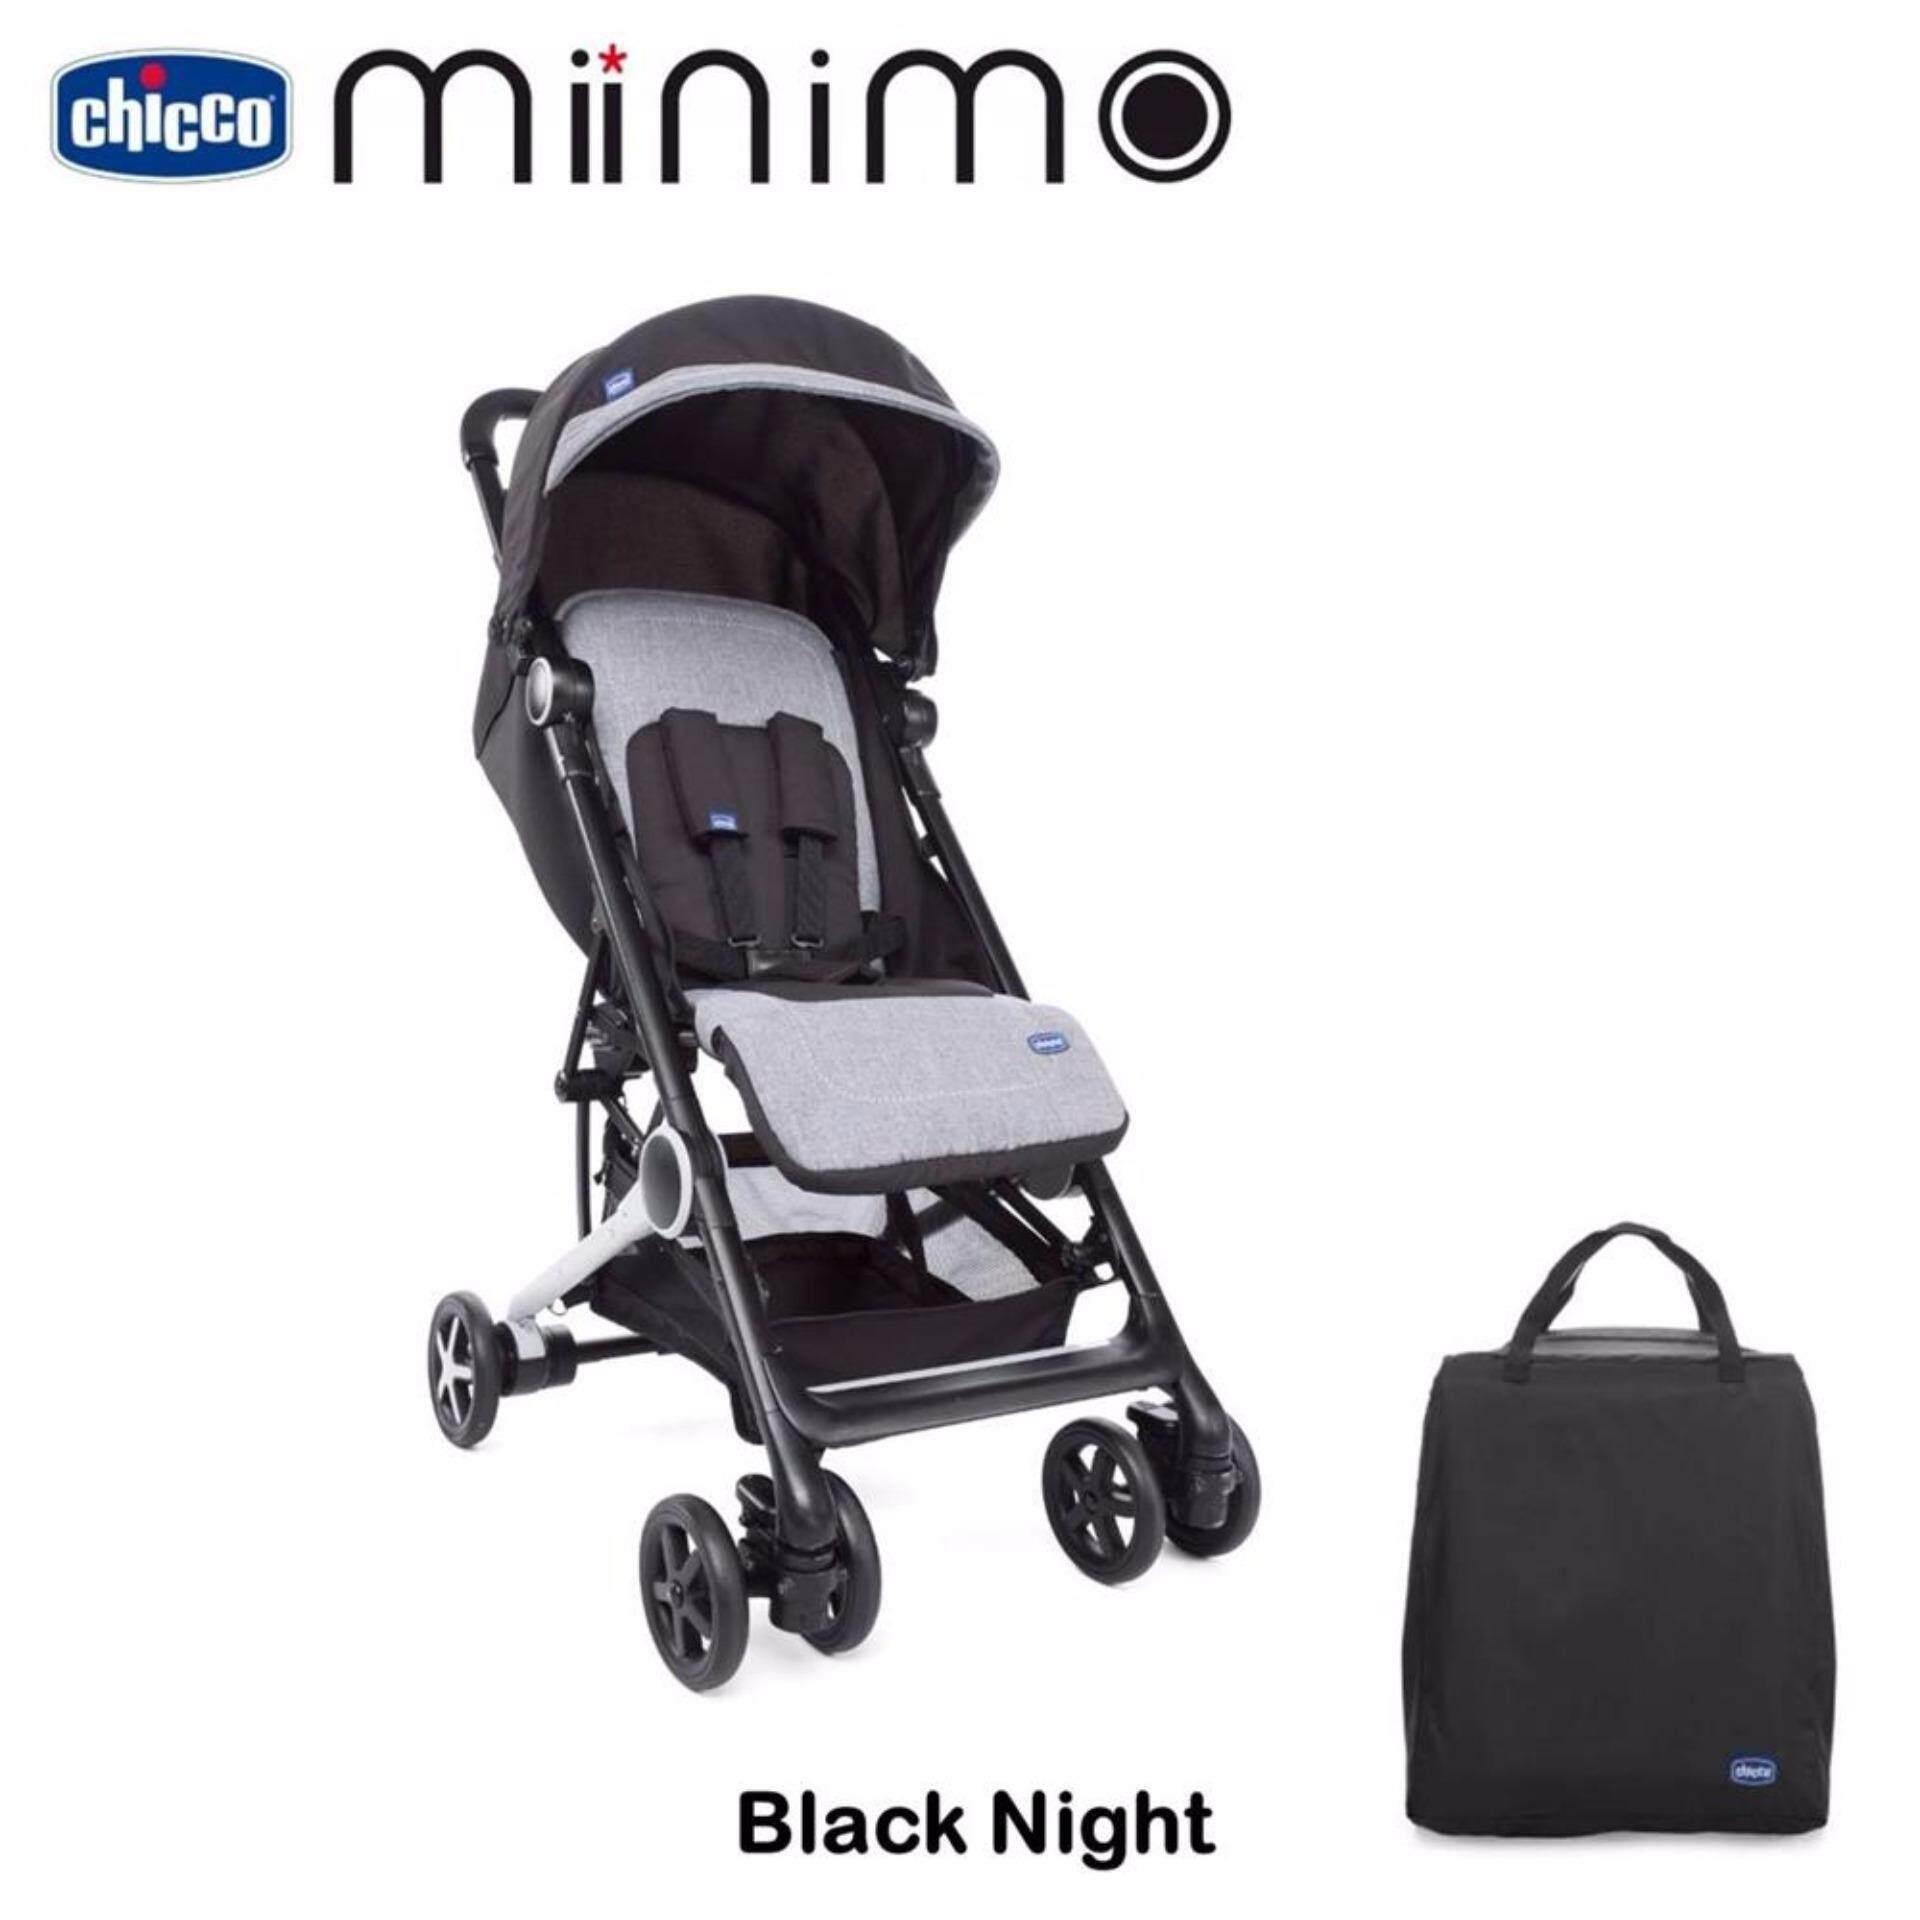 แนะนำเลือกซื้อ รถเข็นเด็ก Chicco Minimo Stroller สี Black Nigh ซื้อเว็บไหนไม่โกง